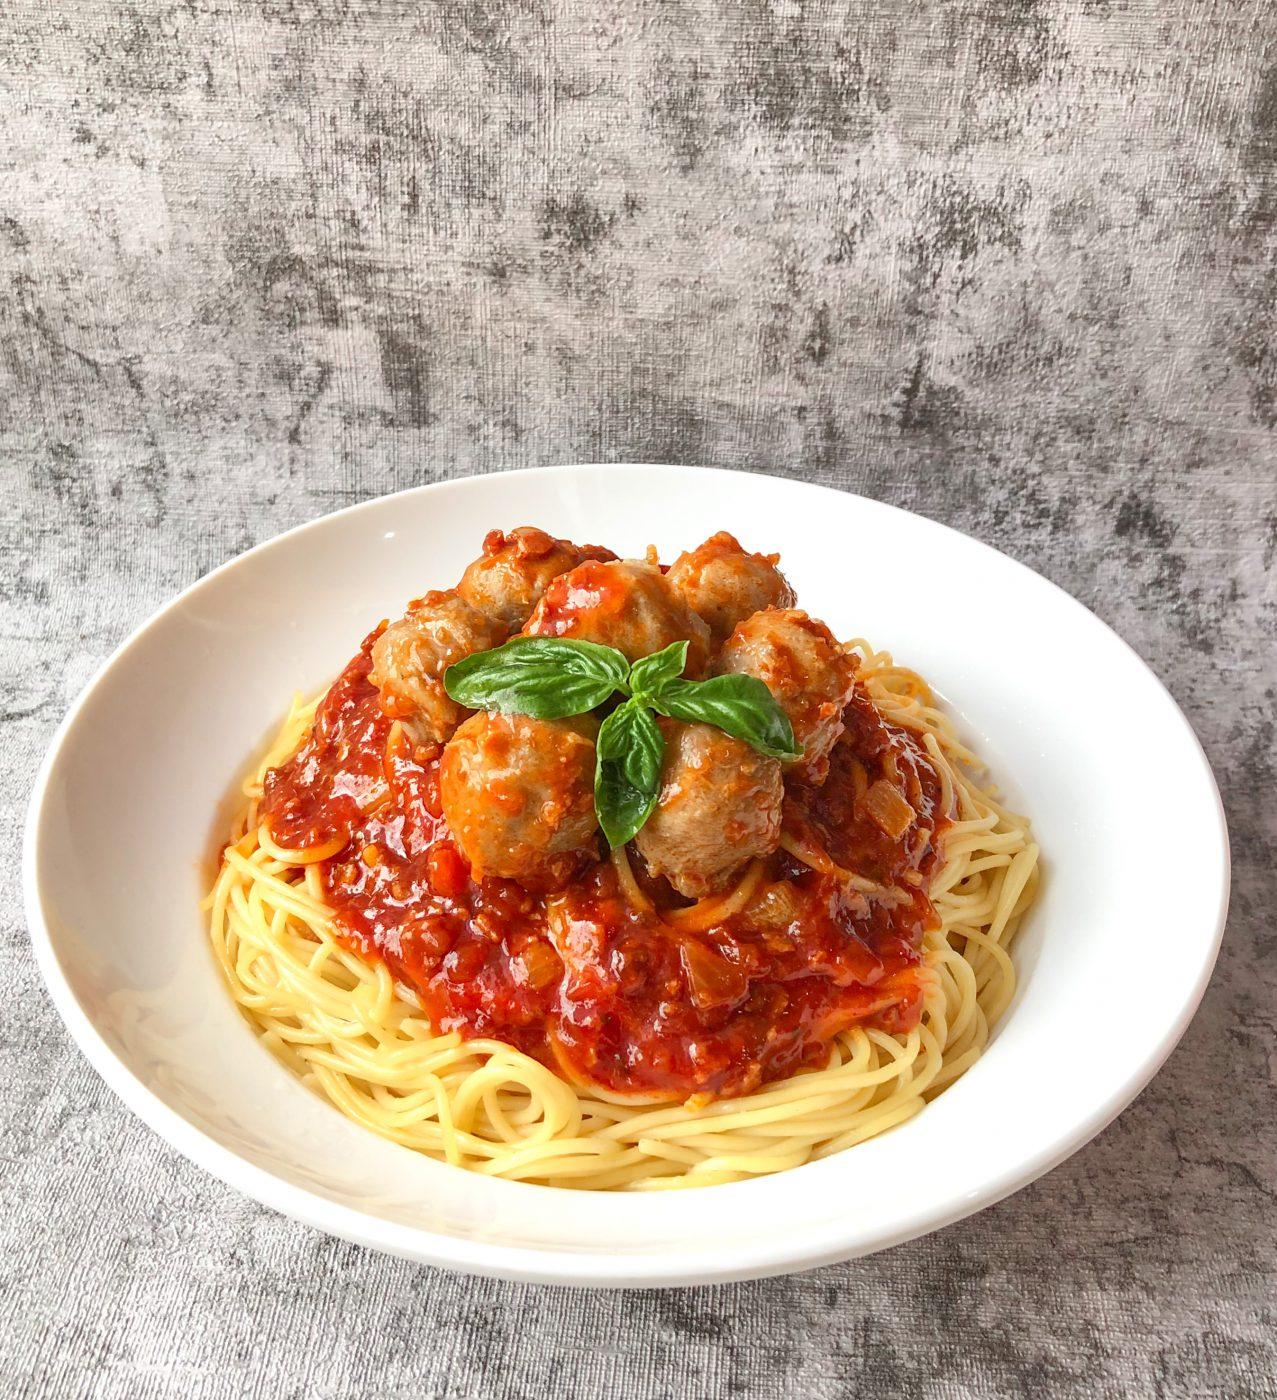 Image Meatball Spaghetti